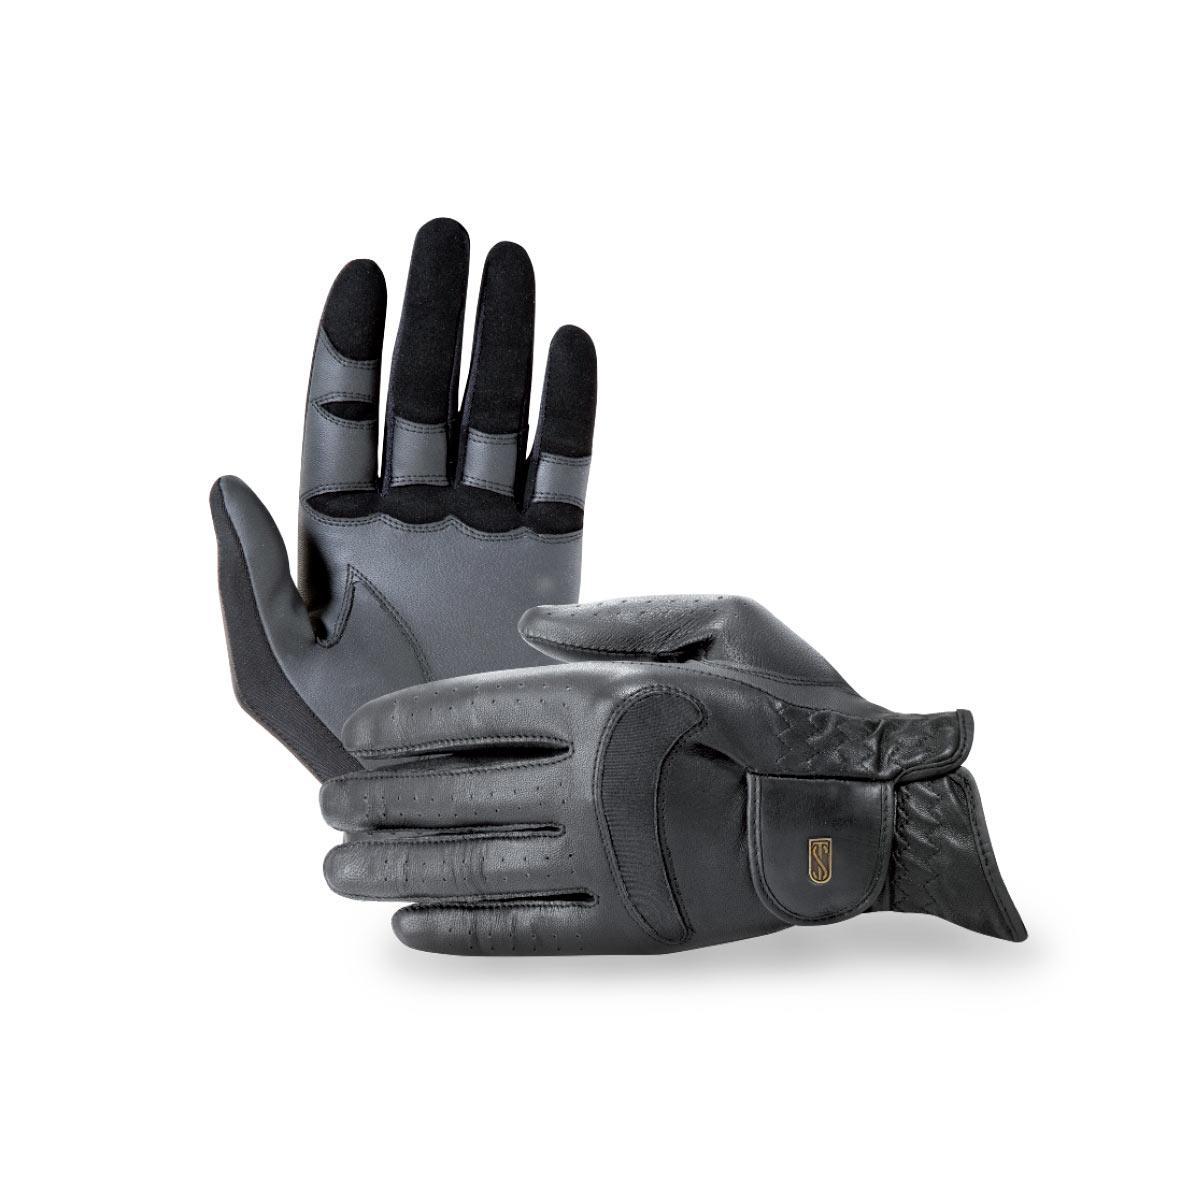 Tredstep - Dressage Pro Gloves